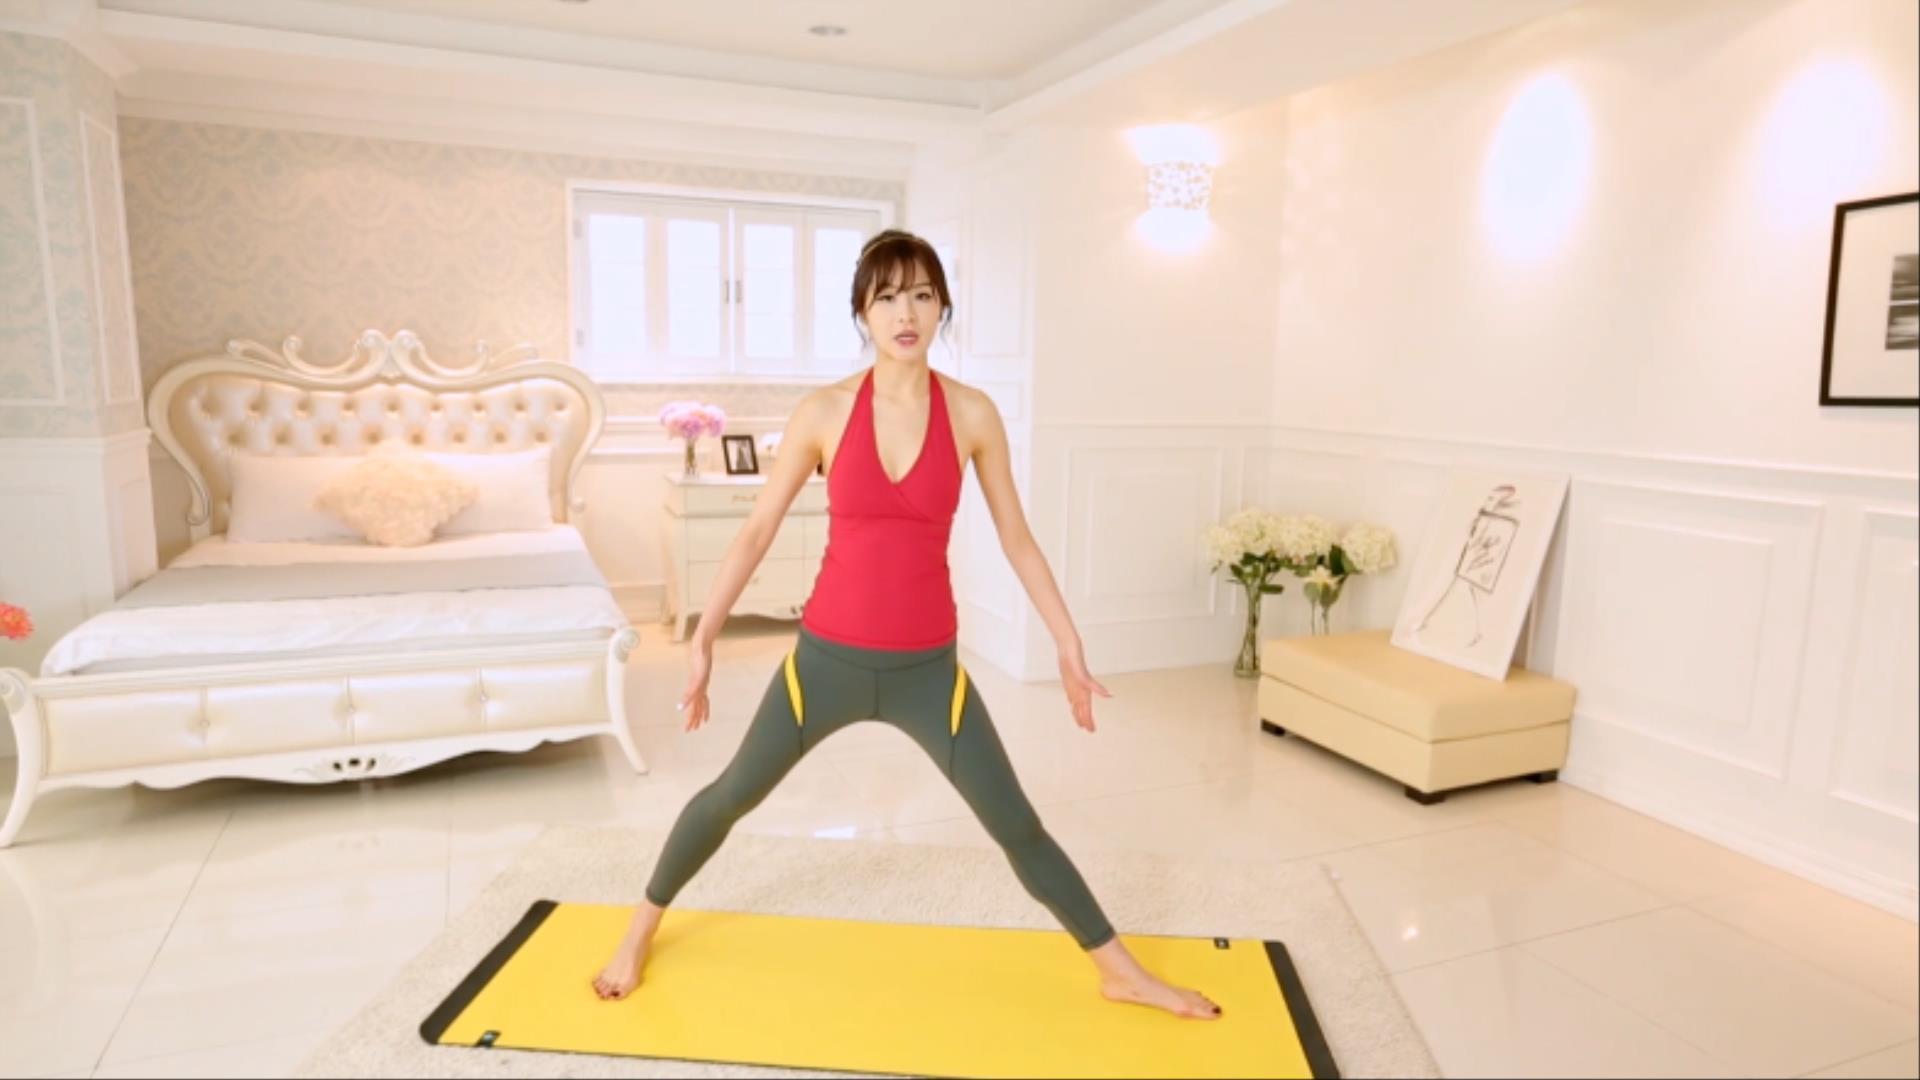 [10강] 균형감각과 집중력 기르기 운동